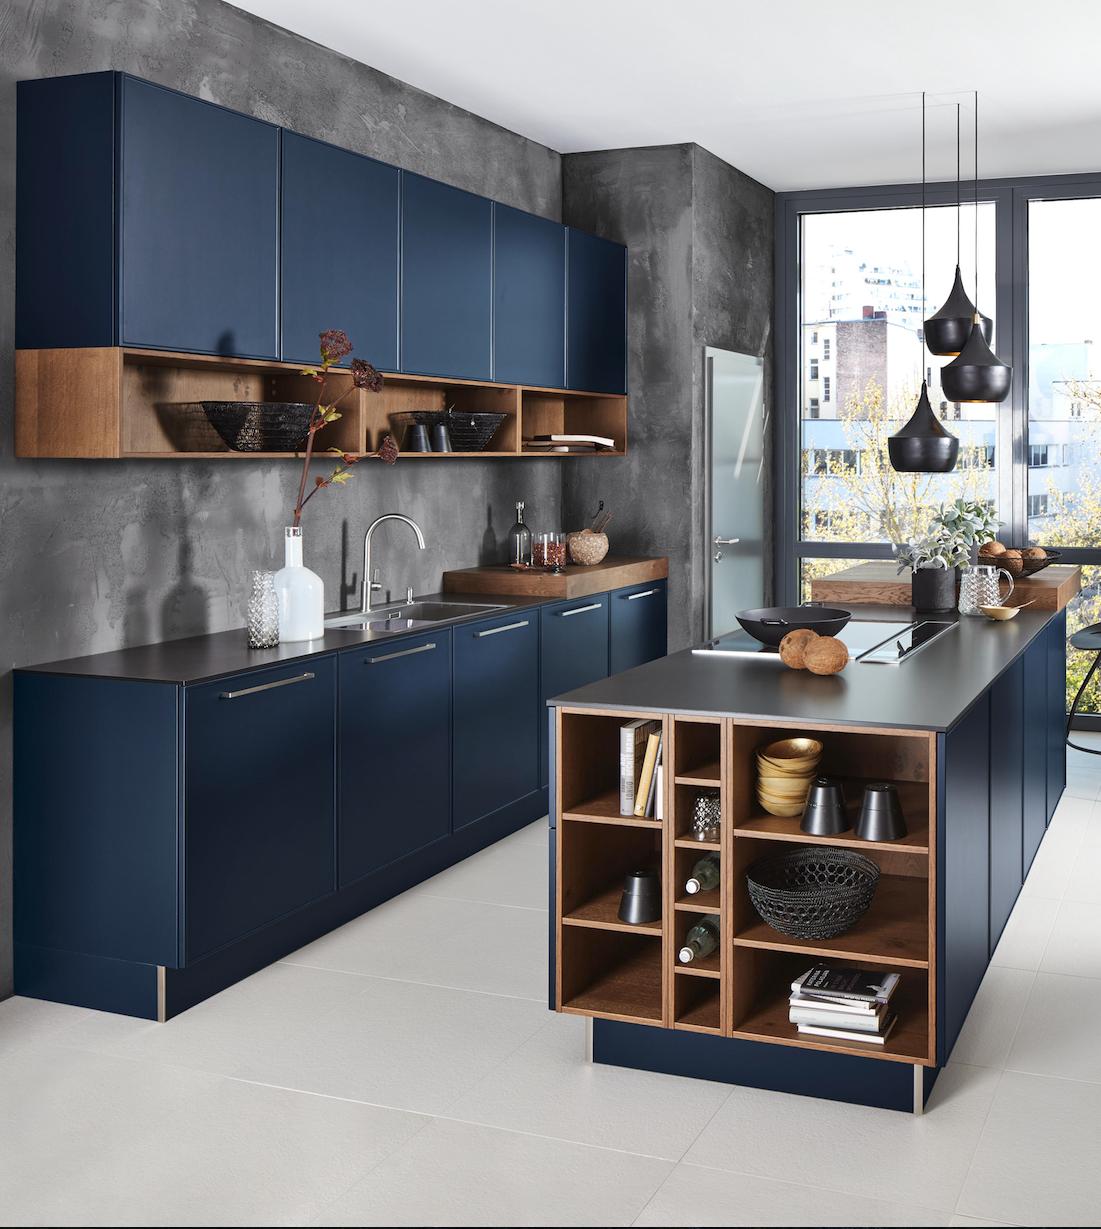 design-küche in elegantem blau mit kochinsel | moderne küche